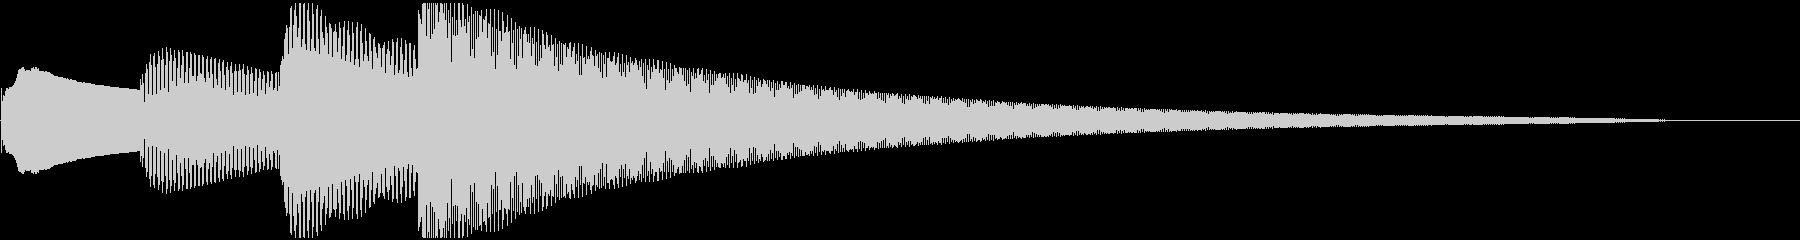 ピンポンパンポン(お知らせ入り)の未再生の波形